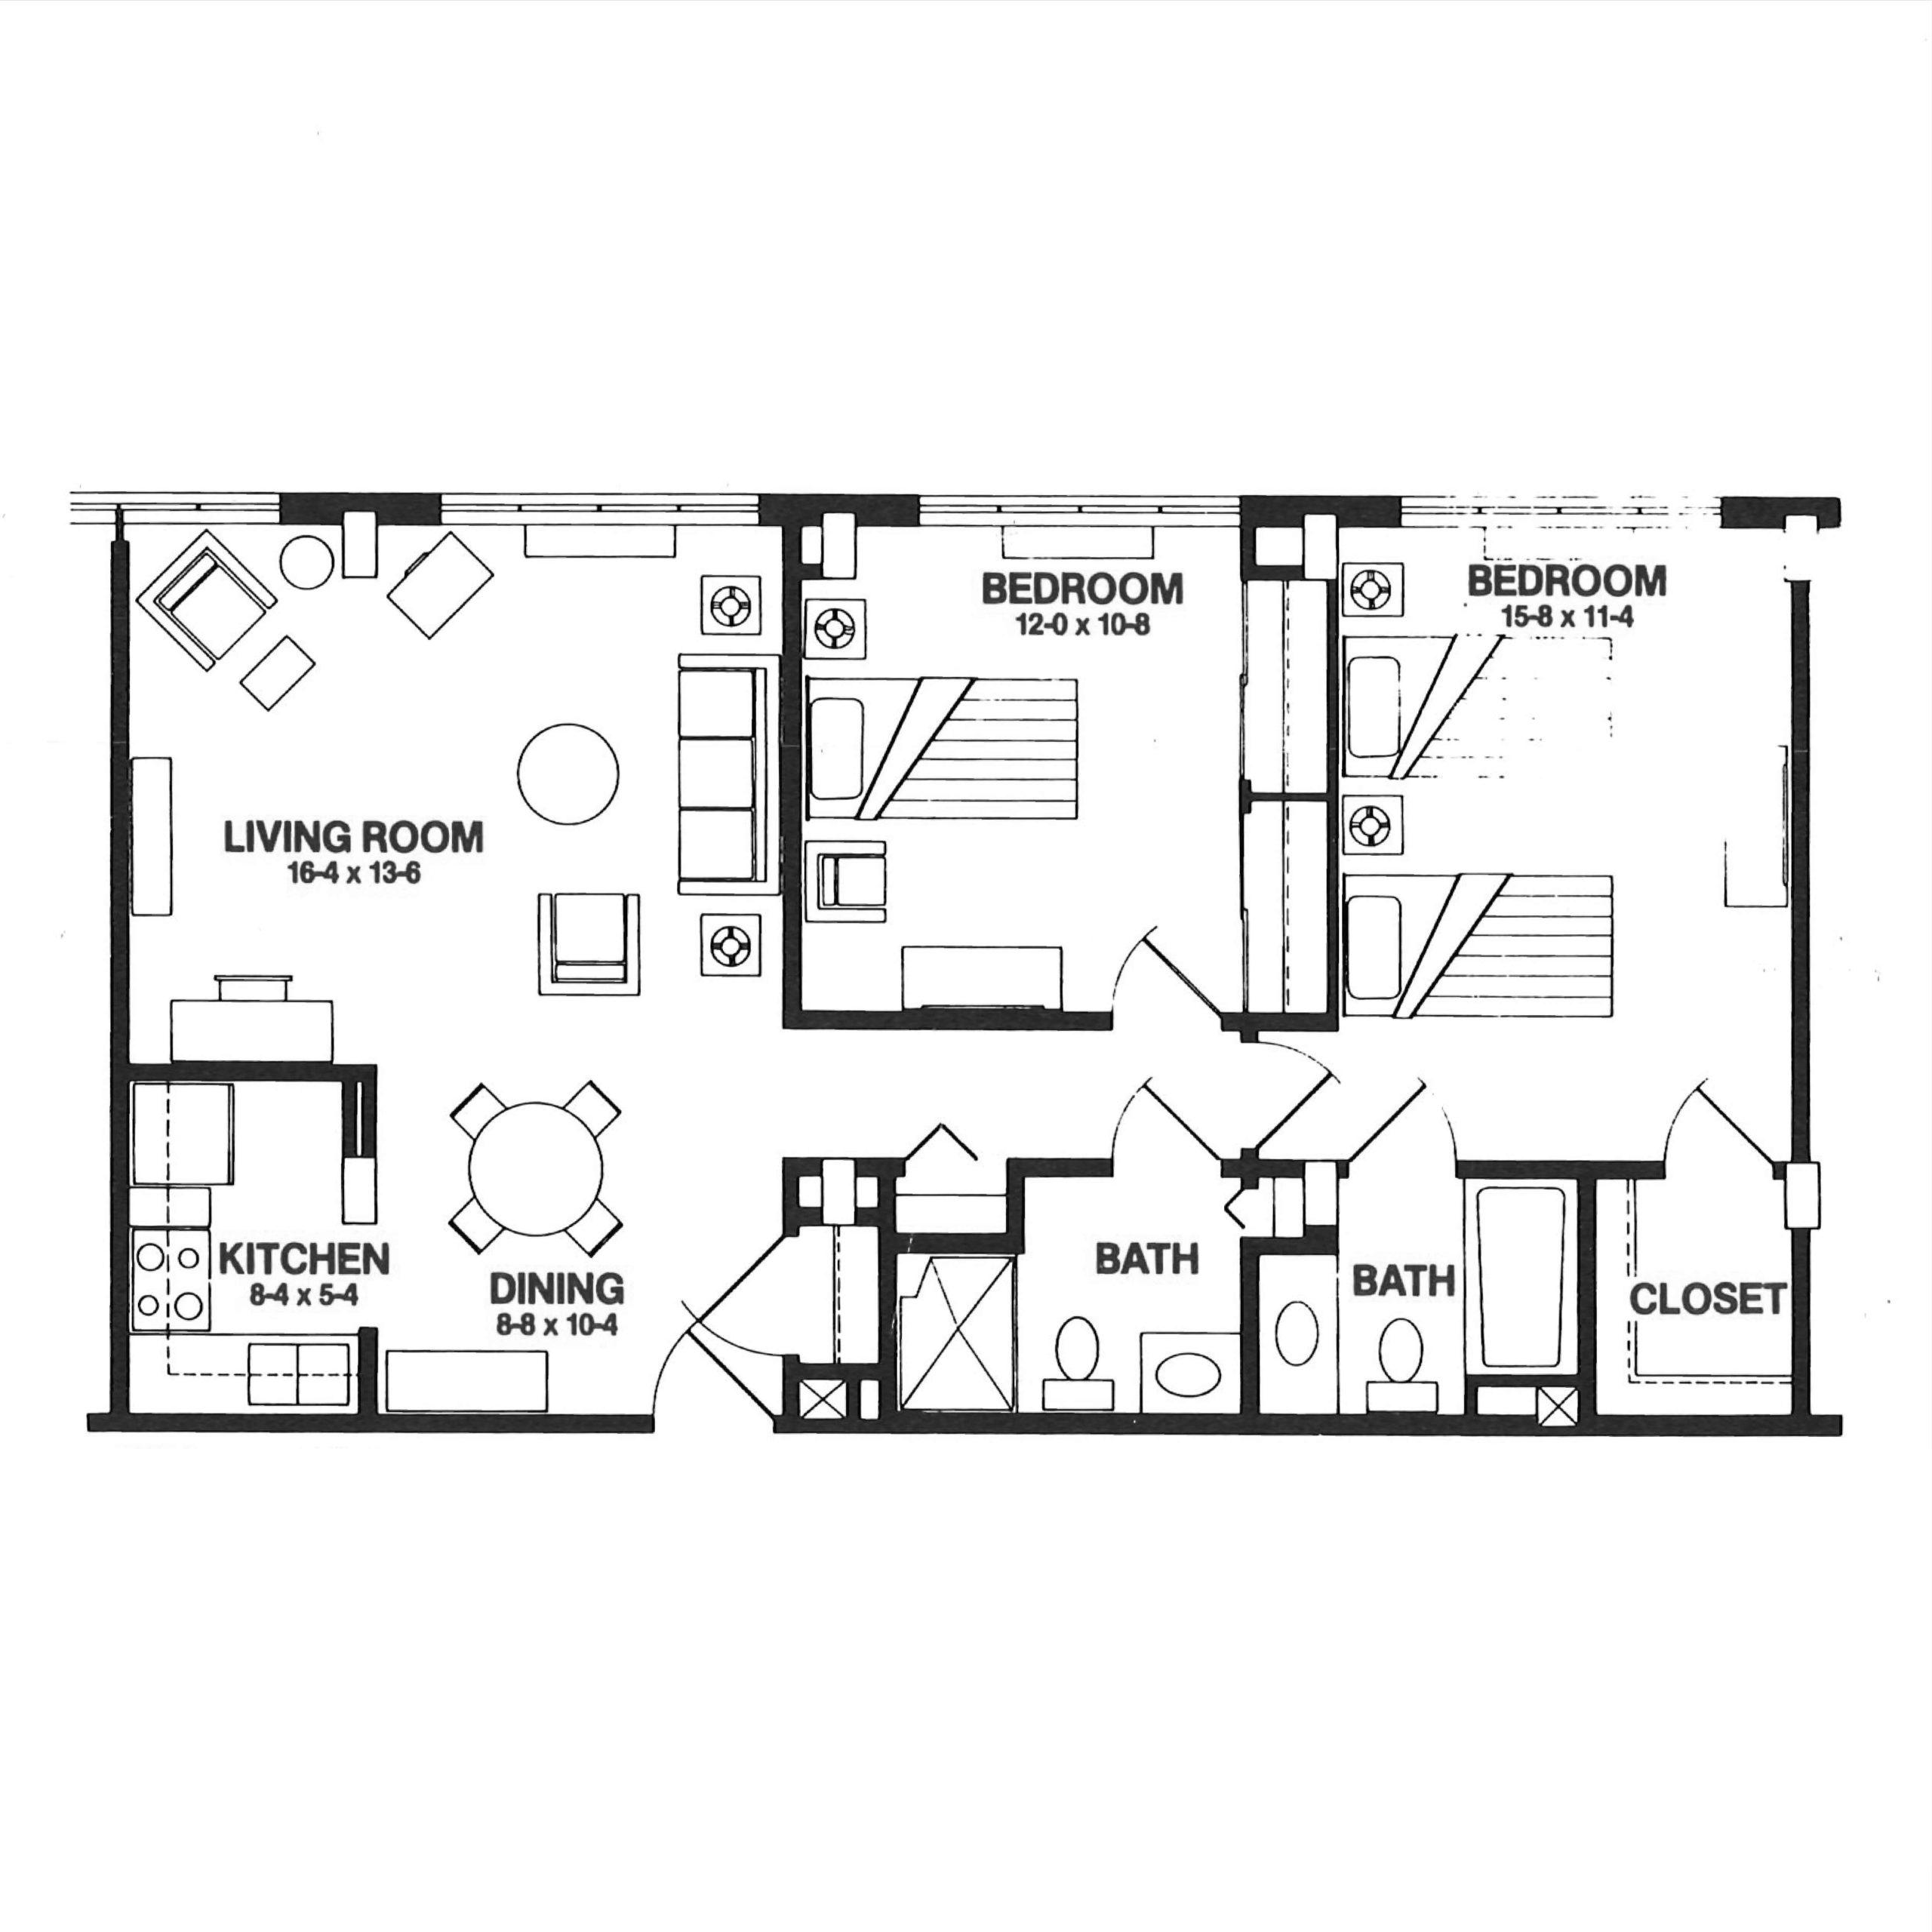 The Garvin floor plan blueprint